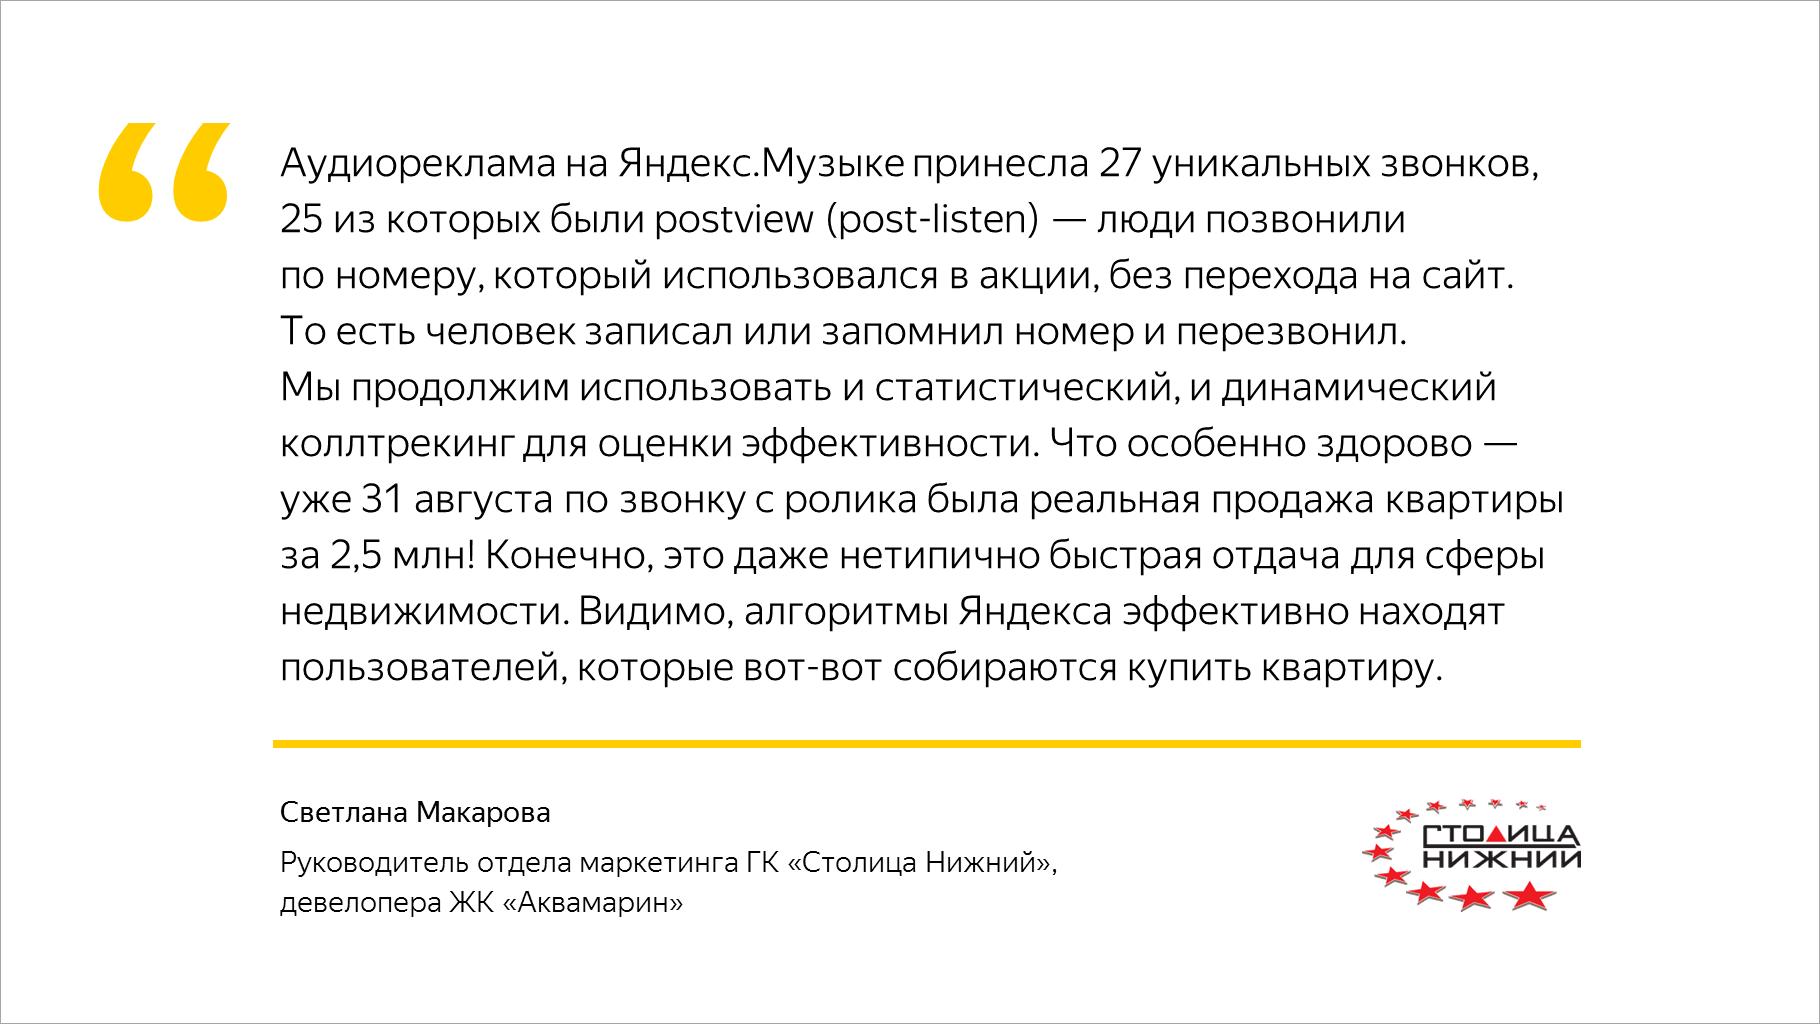 Аудиореклама на Яндекс.Музыке принесла 27 уникальных звонков, 25 из которых были postview (post-listen).